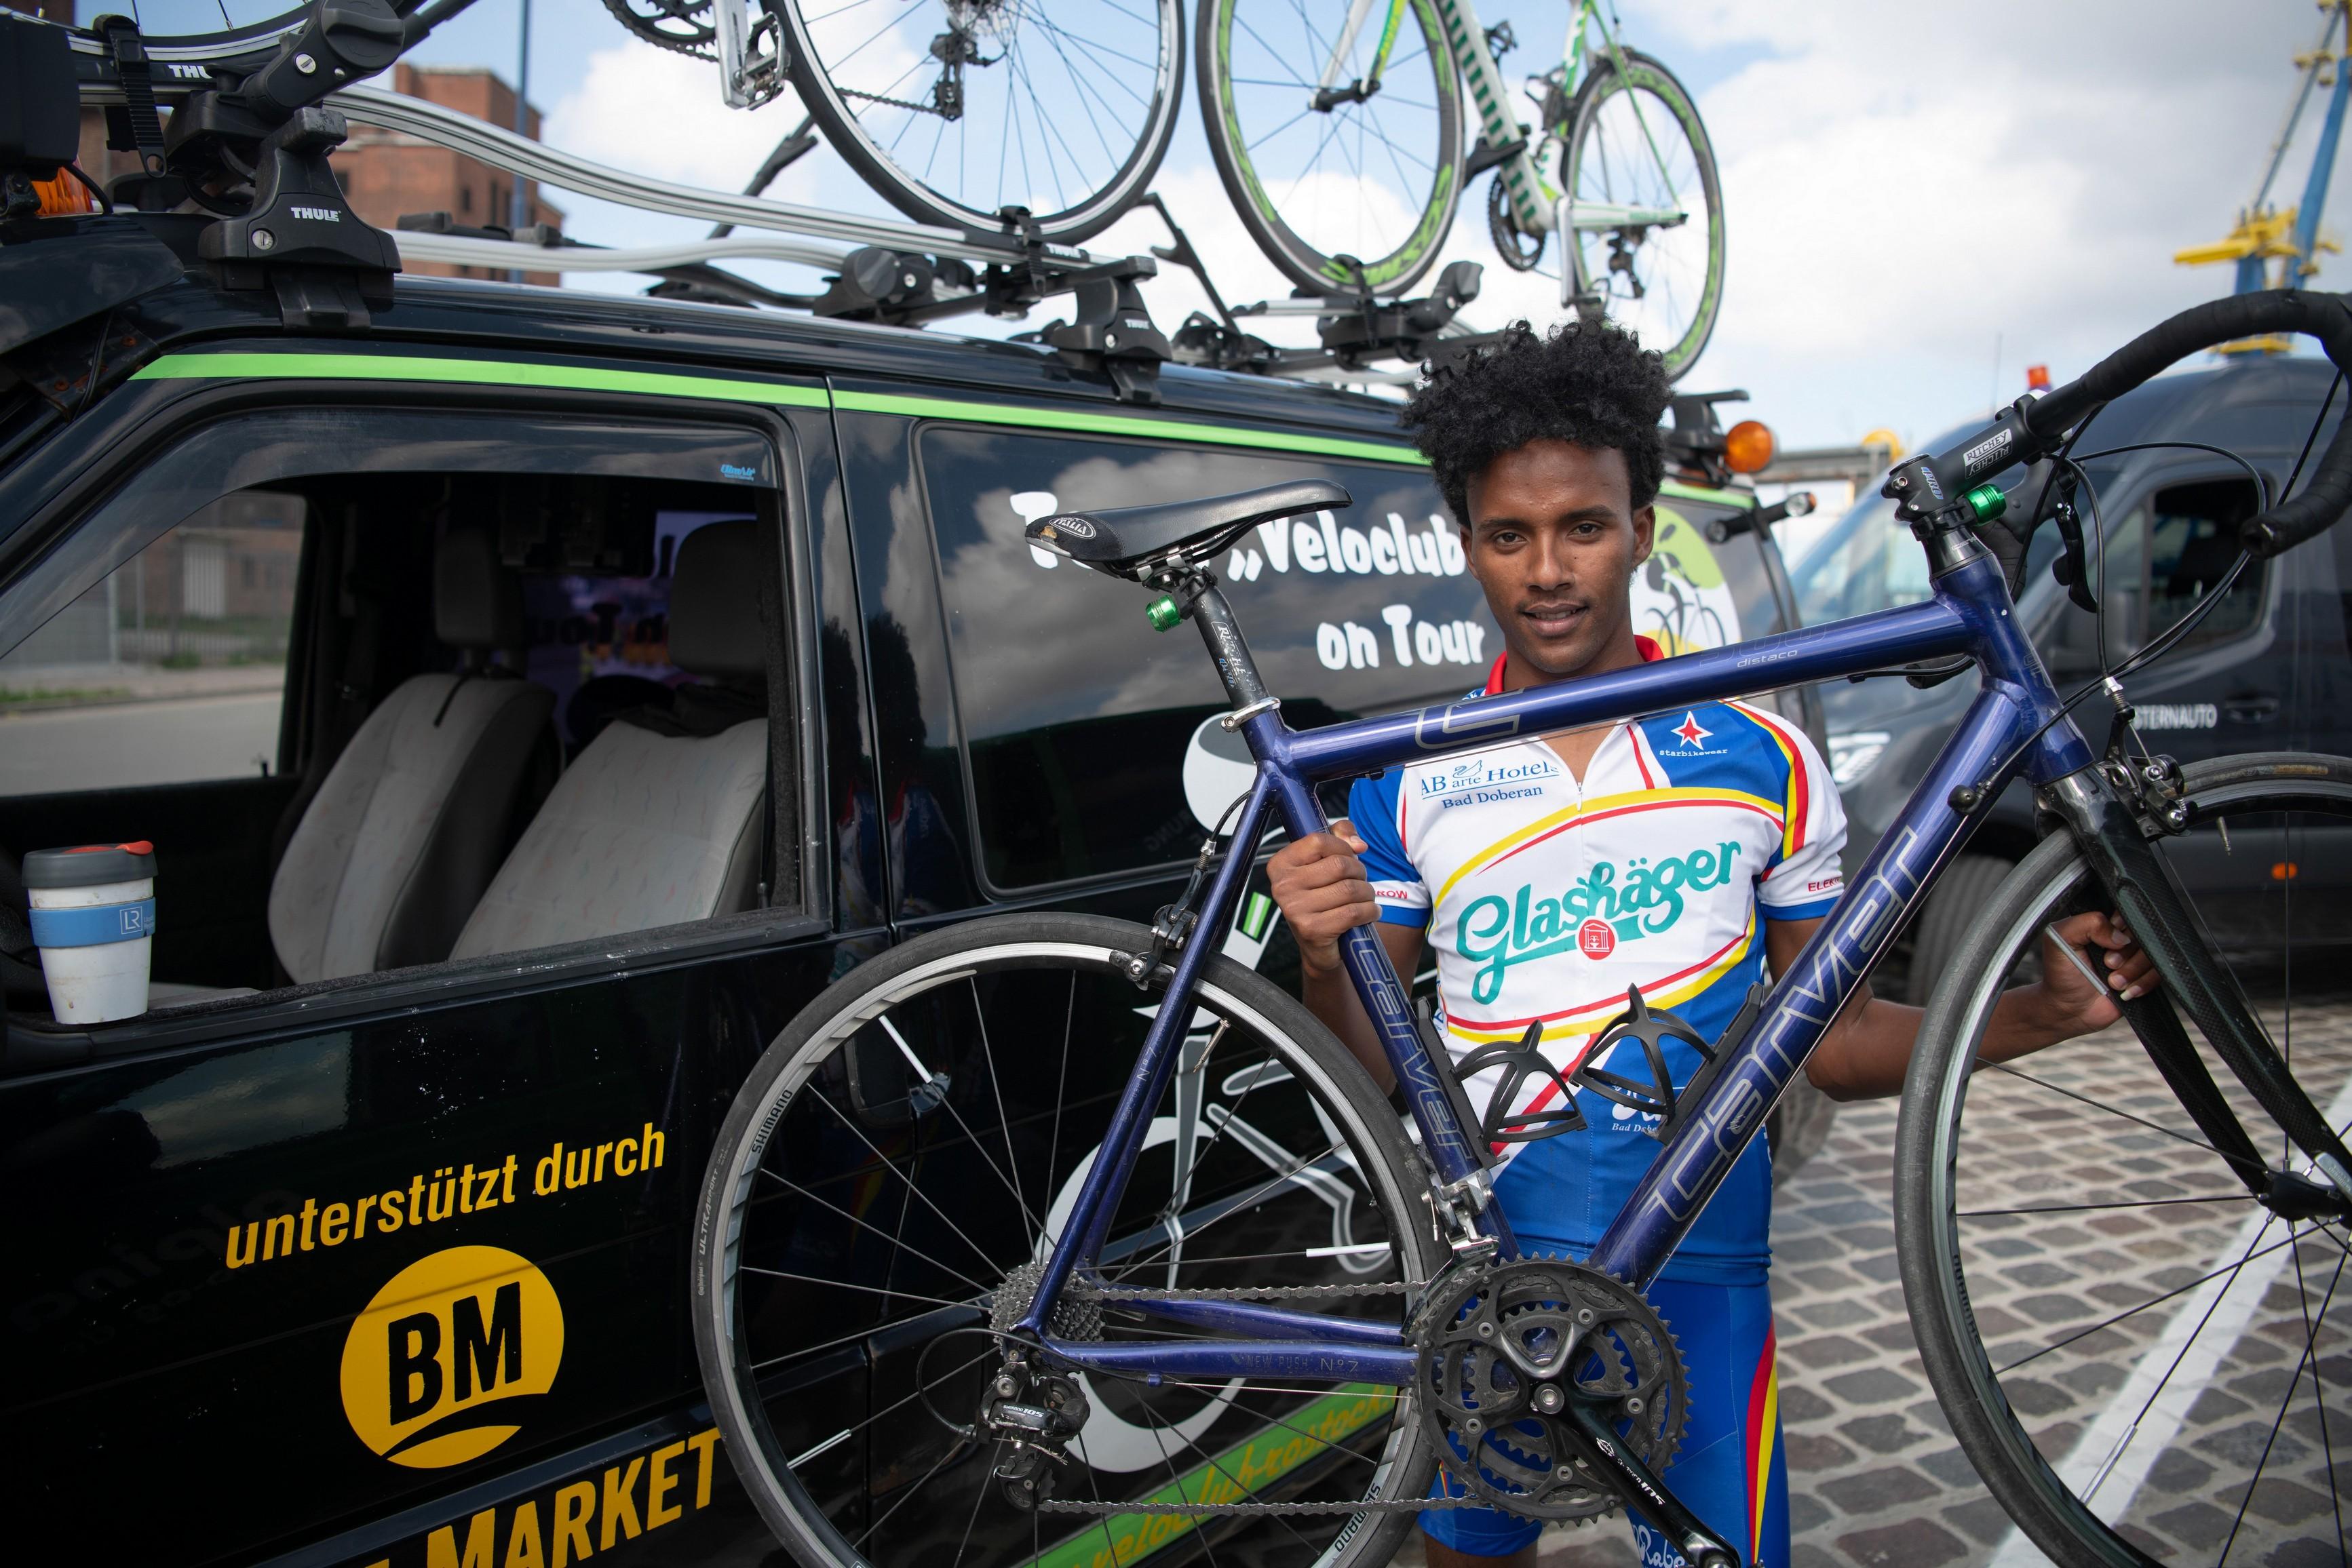 Mussi sit stolz auf sein Fahrrad